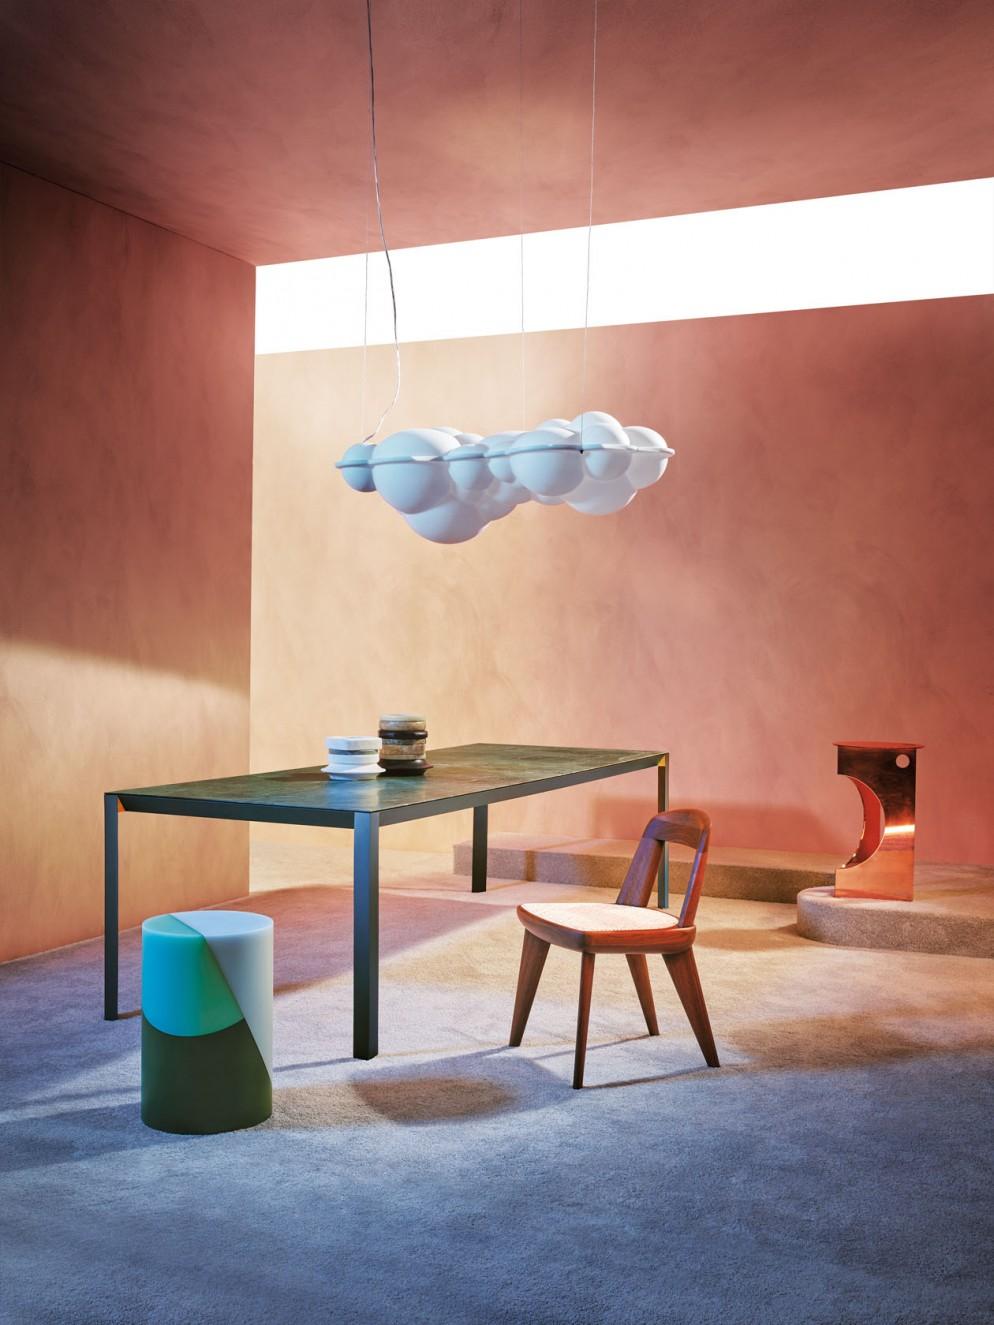 idee-arredare-casa-lampade-divani-sedie-letti-poltrone-design-issue-living-corriere-04